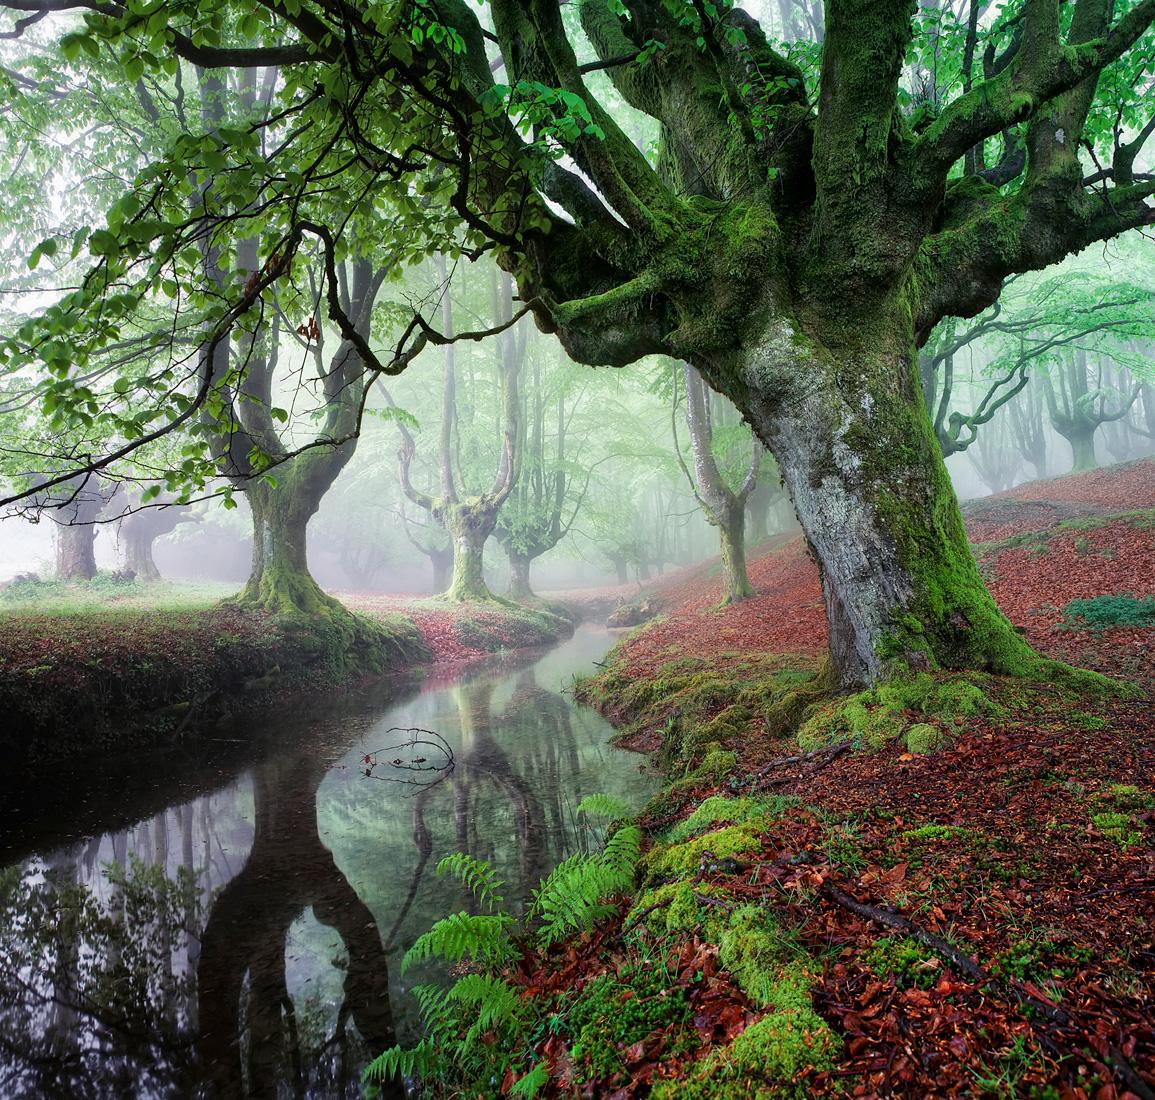 UN LUGAR TAN BELLO QUE DUELE - Juan Pixelecta - Portfolio Natural, Fotografía de Naturaleza de Autor